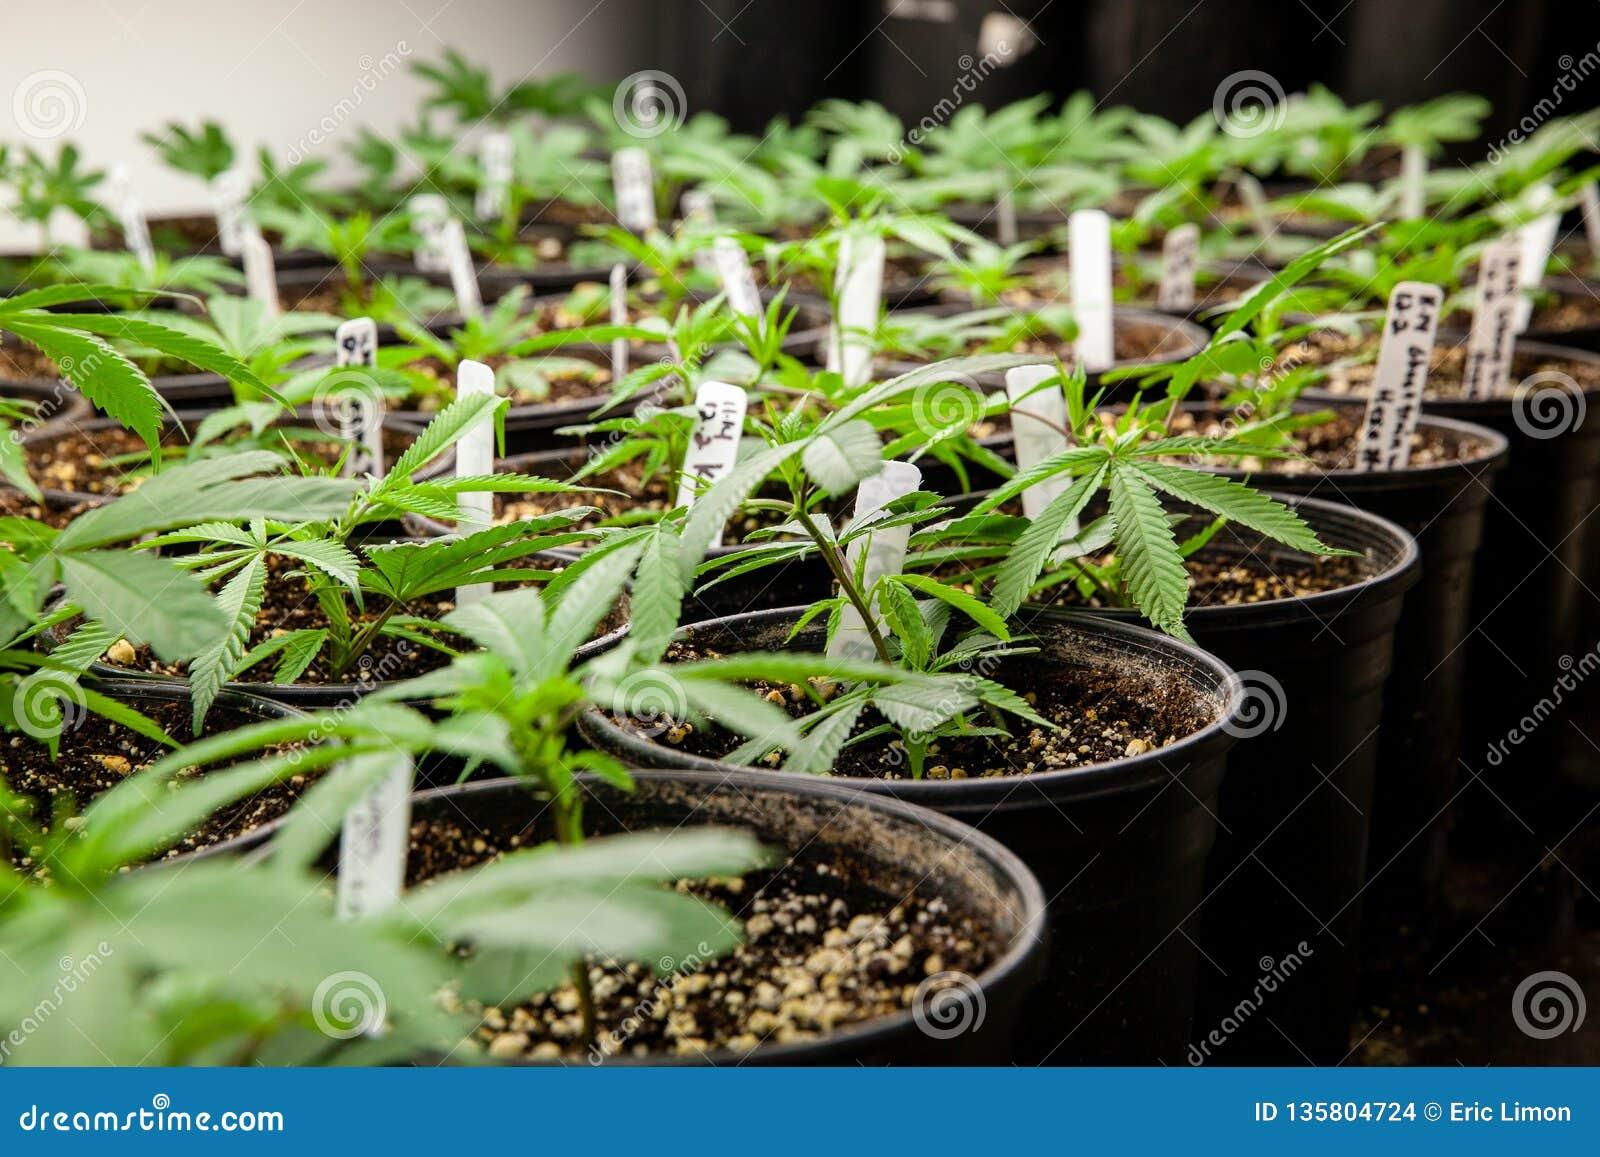 Клоны марихуаны петиции легализации конопли